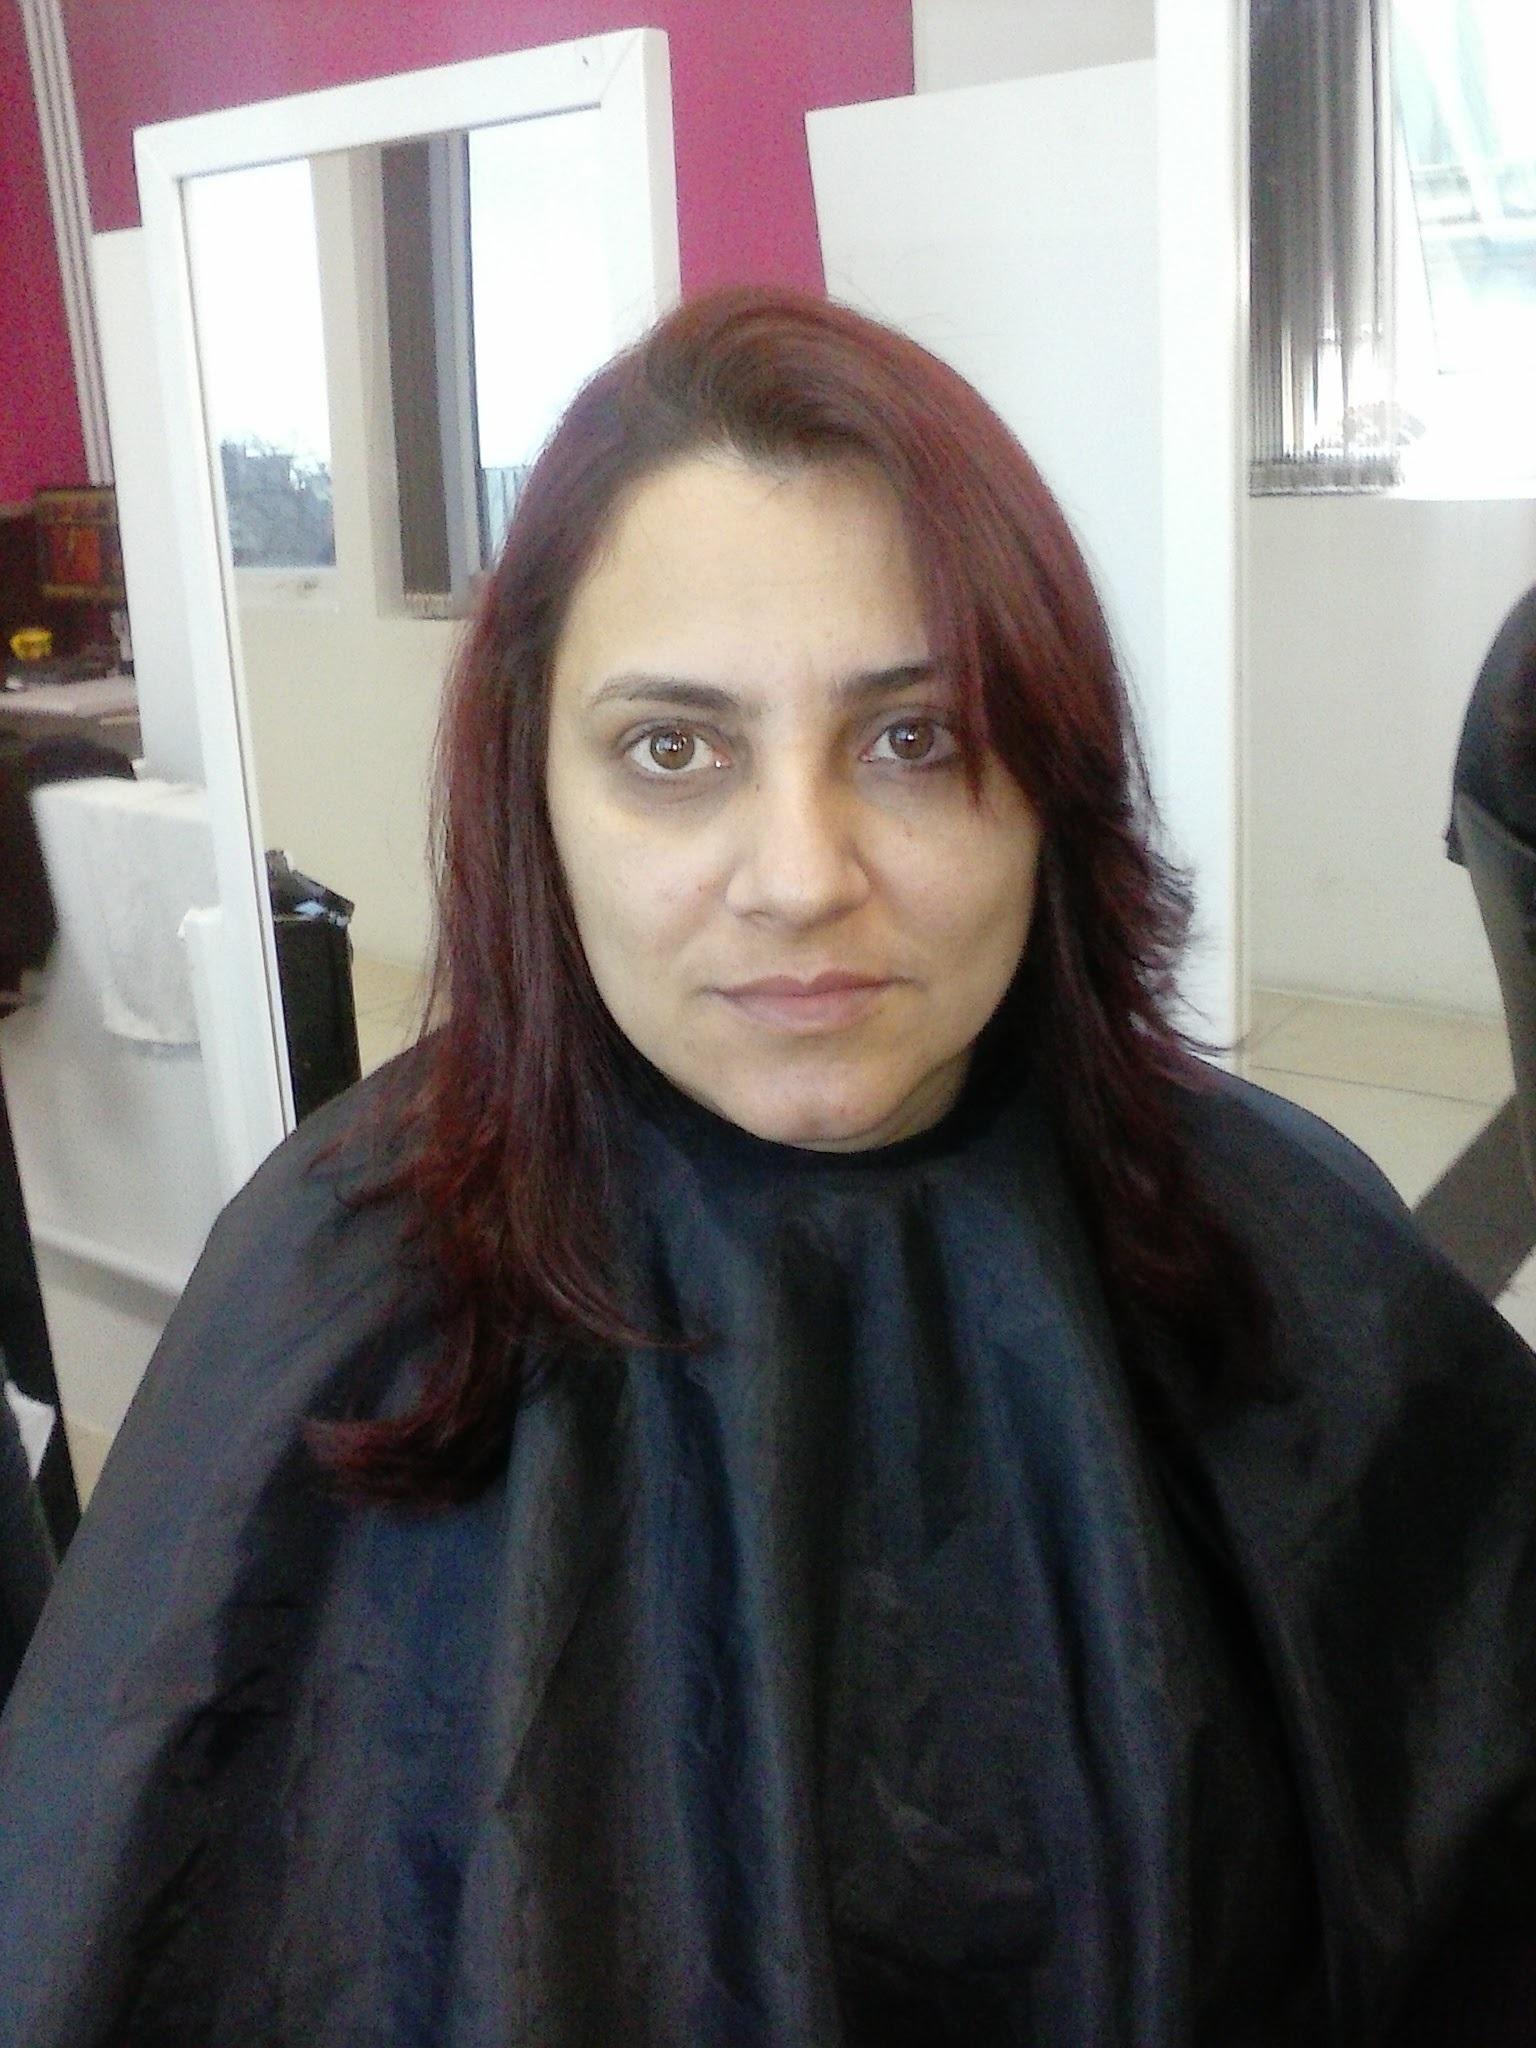 corte em camadas franja e degrade cabelo cabeleireiro(a) recepcionista revendedor(a)